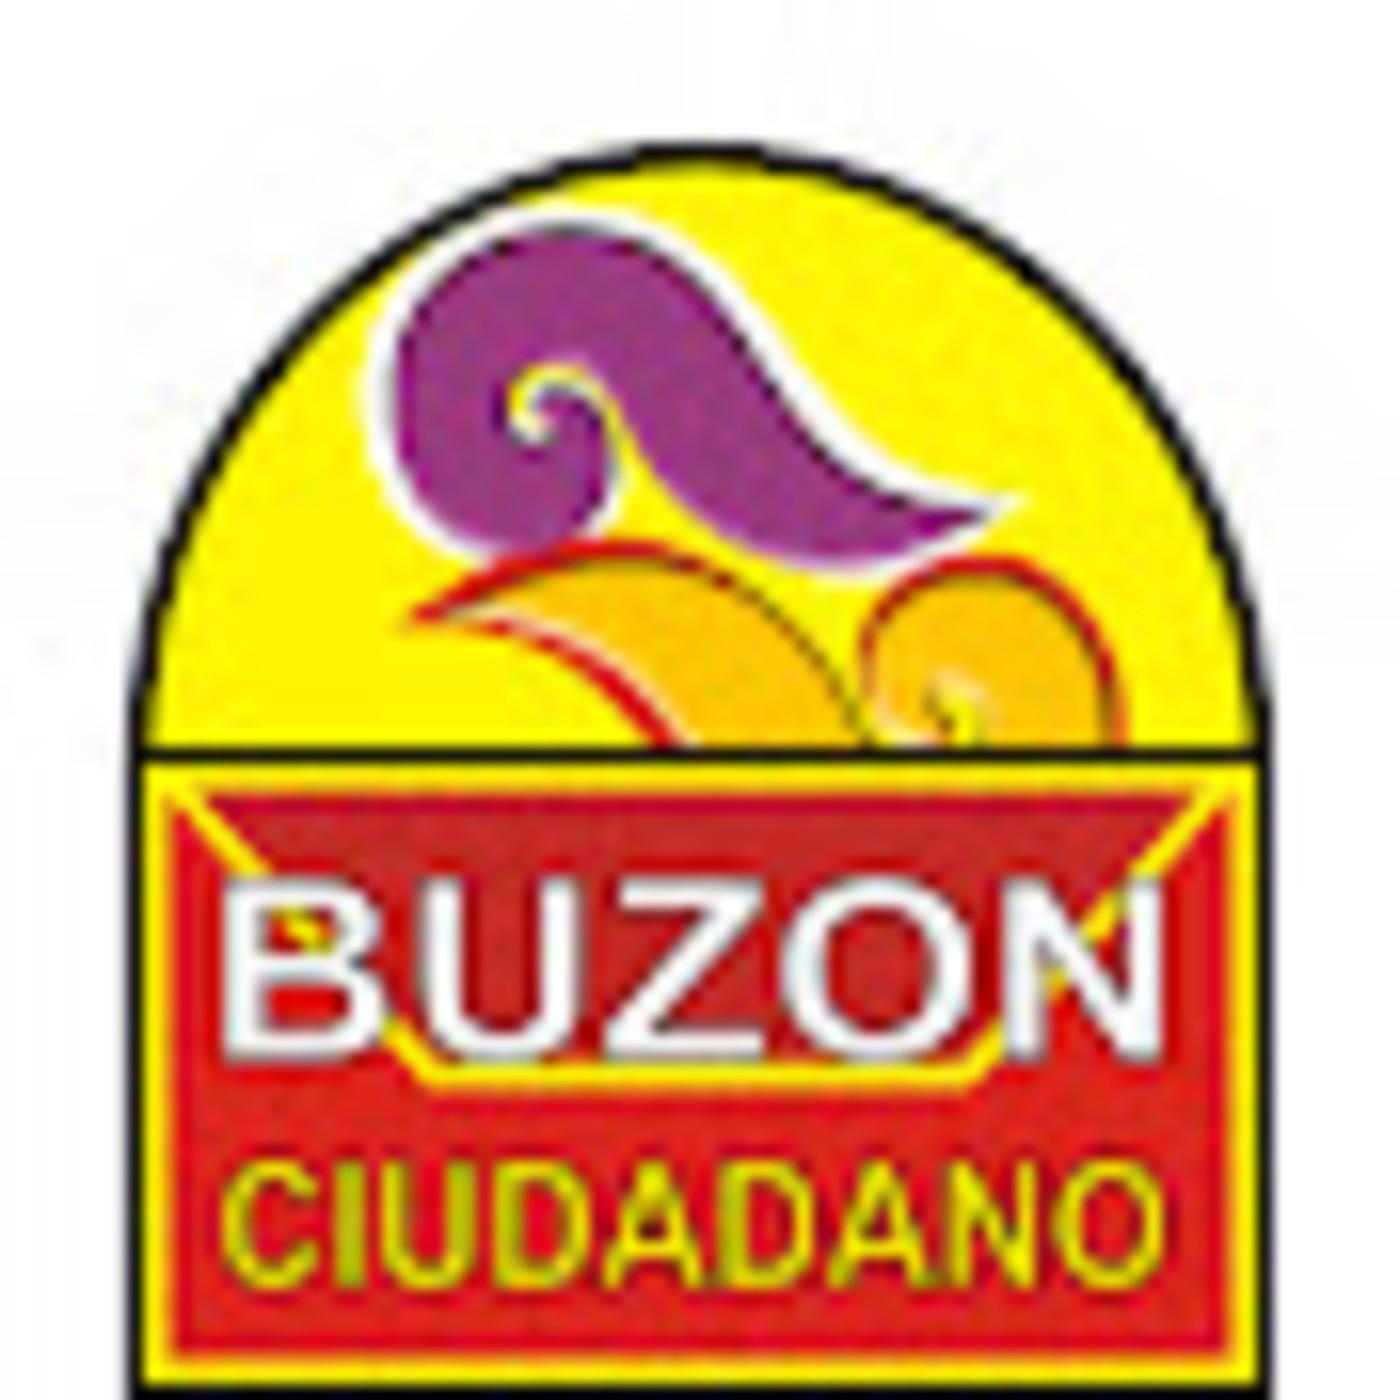 Escucha Buzón Ciudadano - iVoox